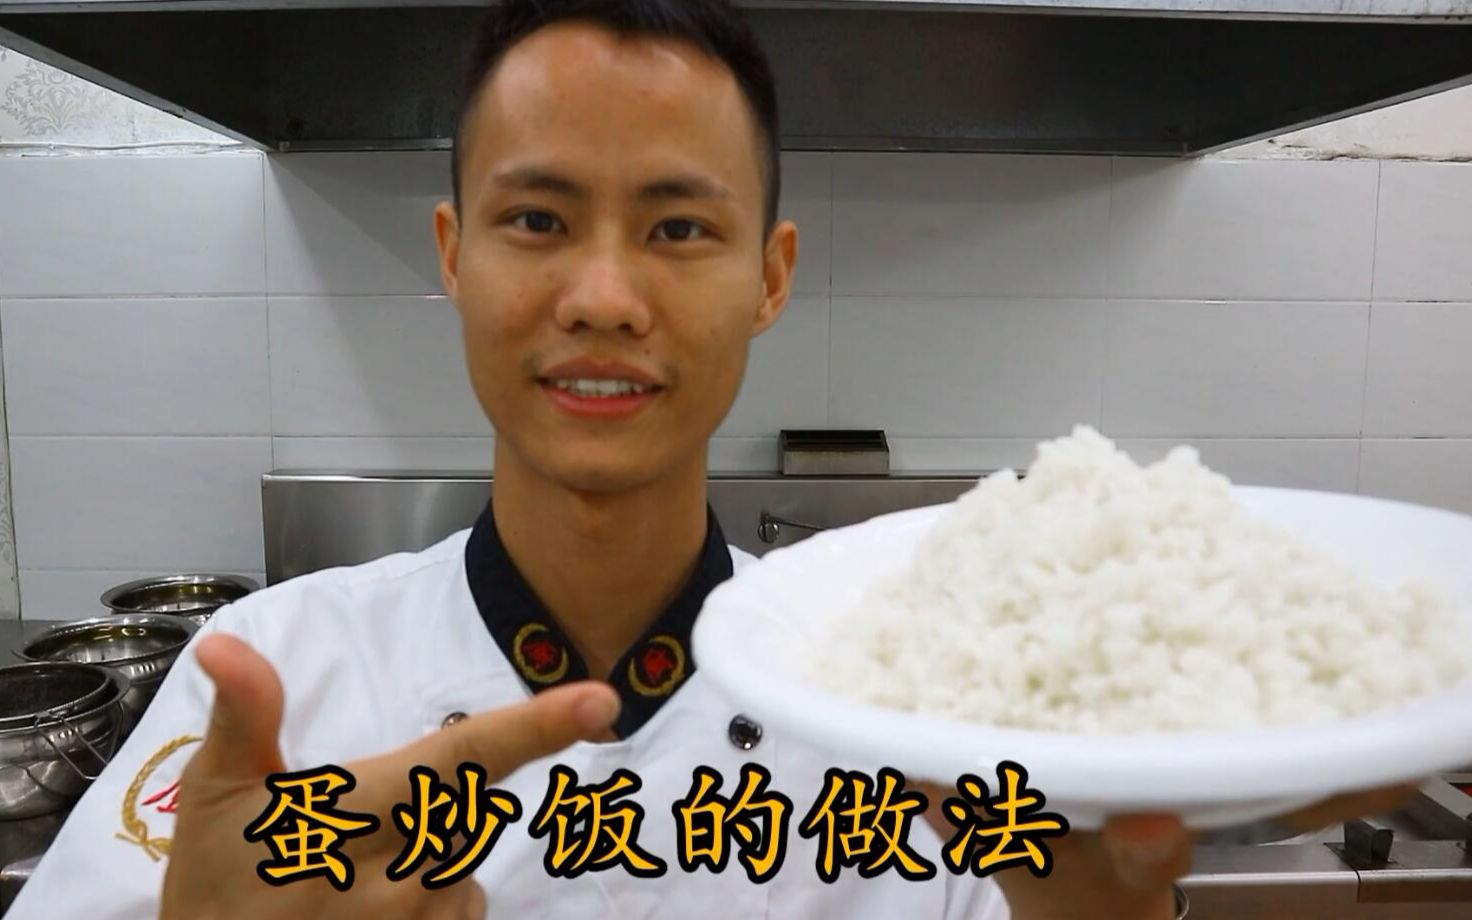 """厨师长教你:""""蛋炒饭""""的做法,里面有很多小技巧,赶紧收藏吧!"""